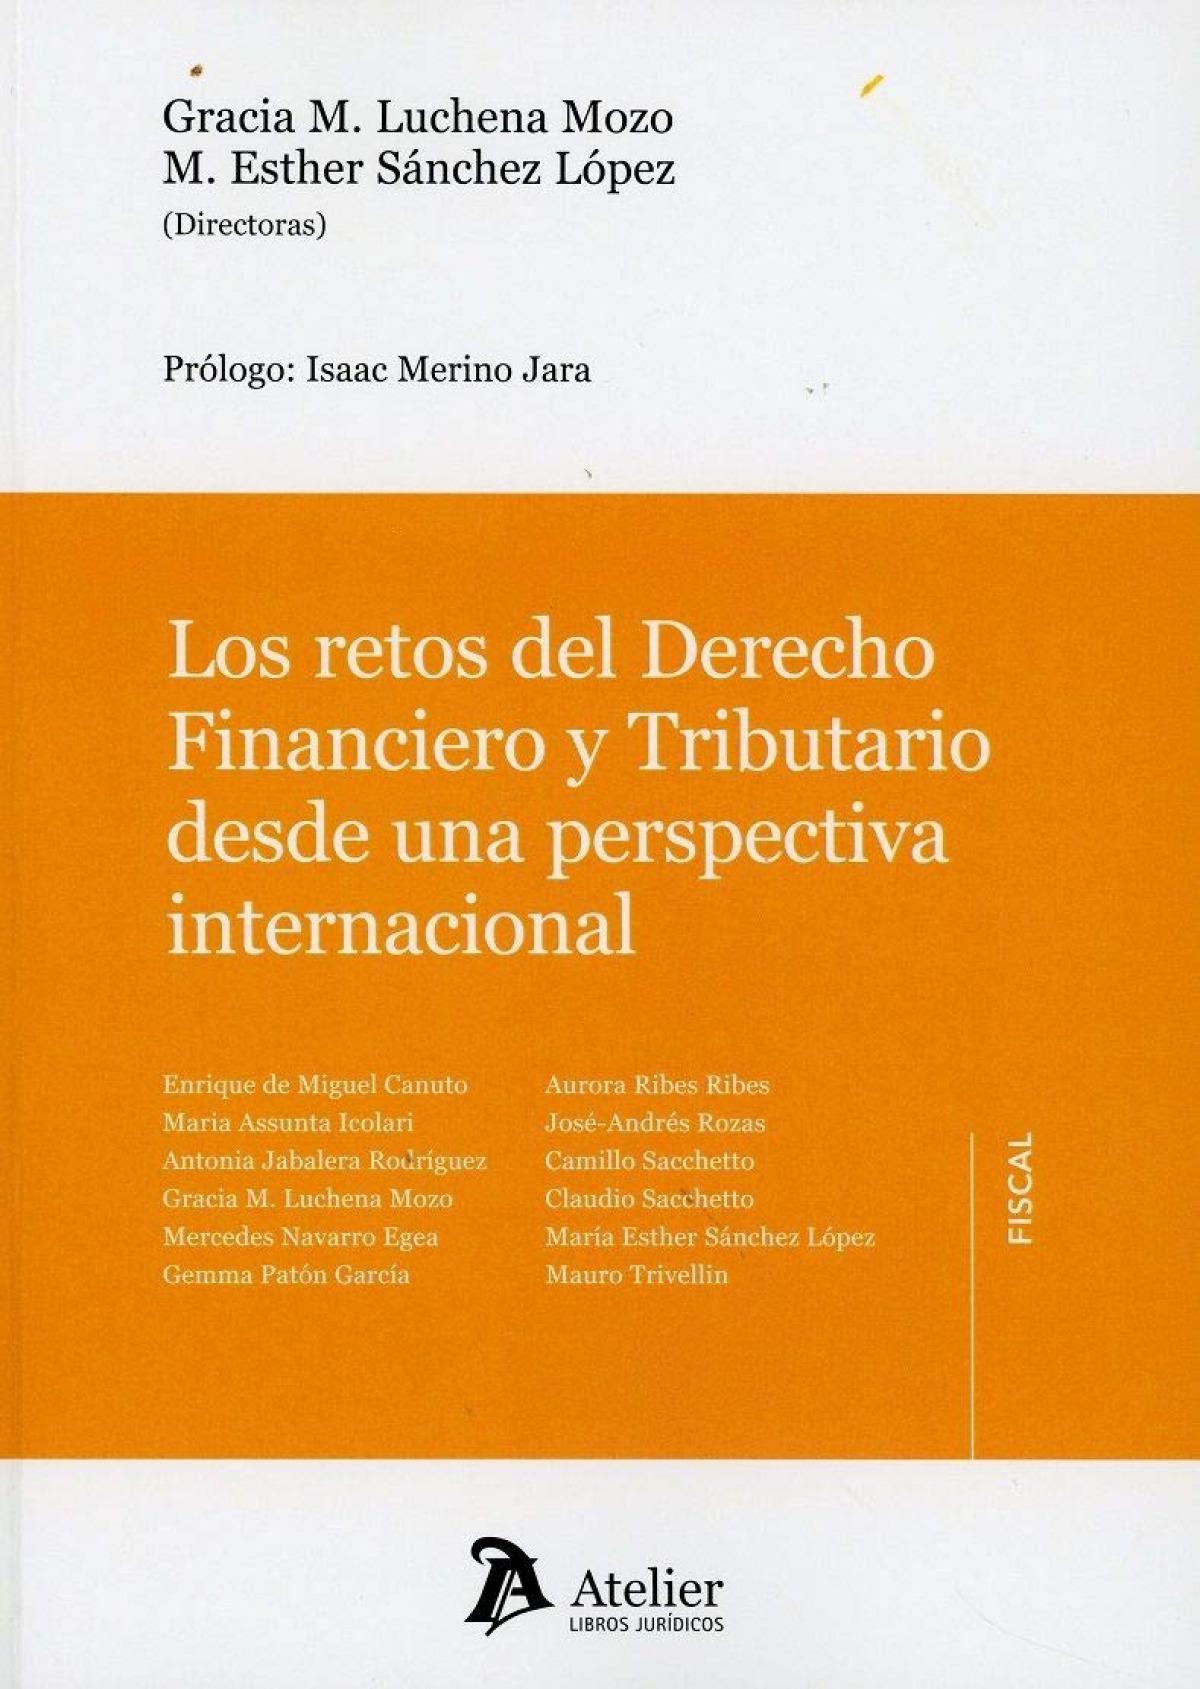 Los retos del Derecho Financiero y Tributario desde una perspectiva internacional.